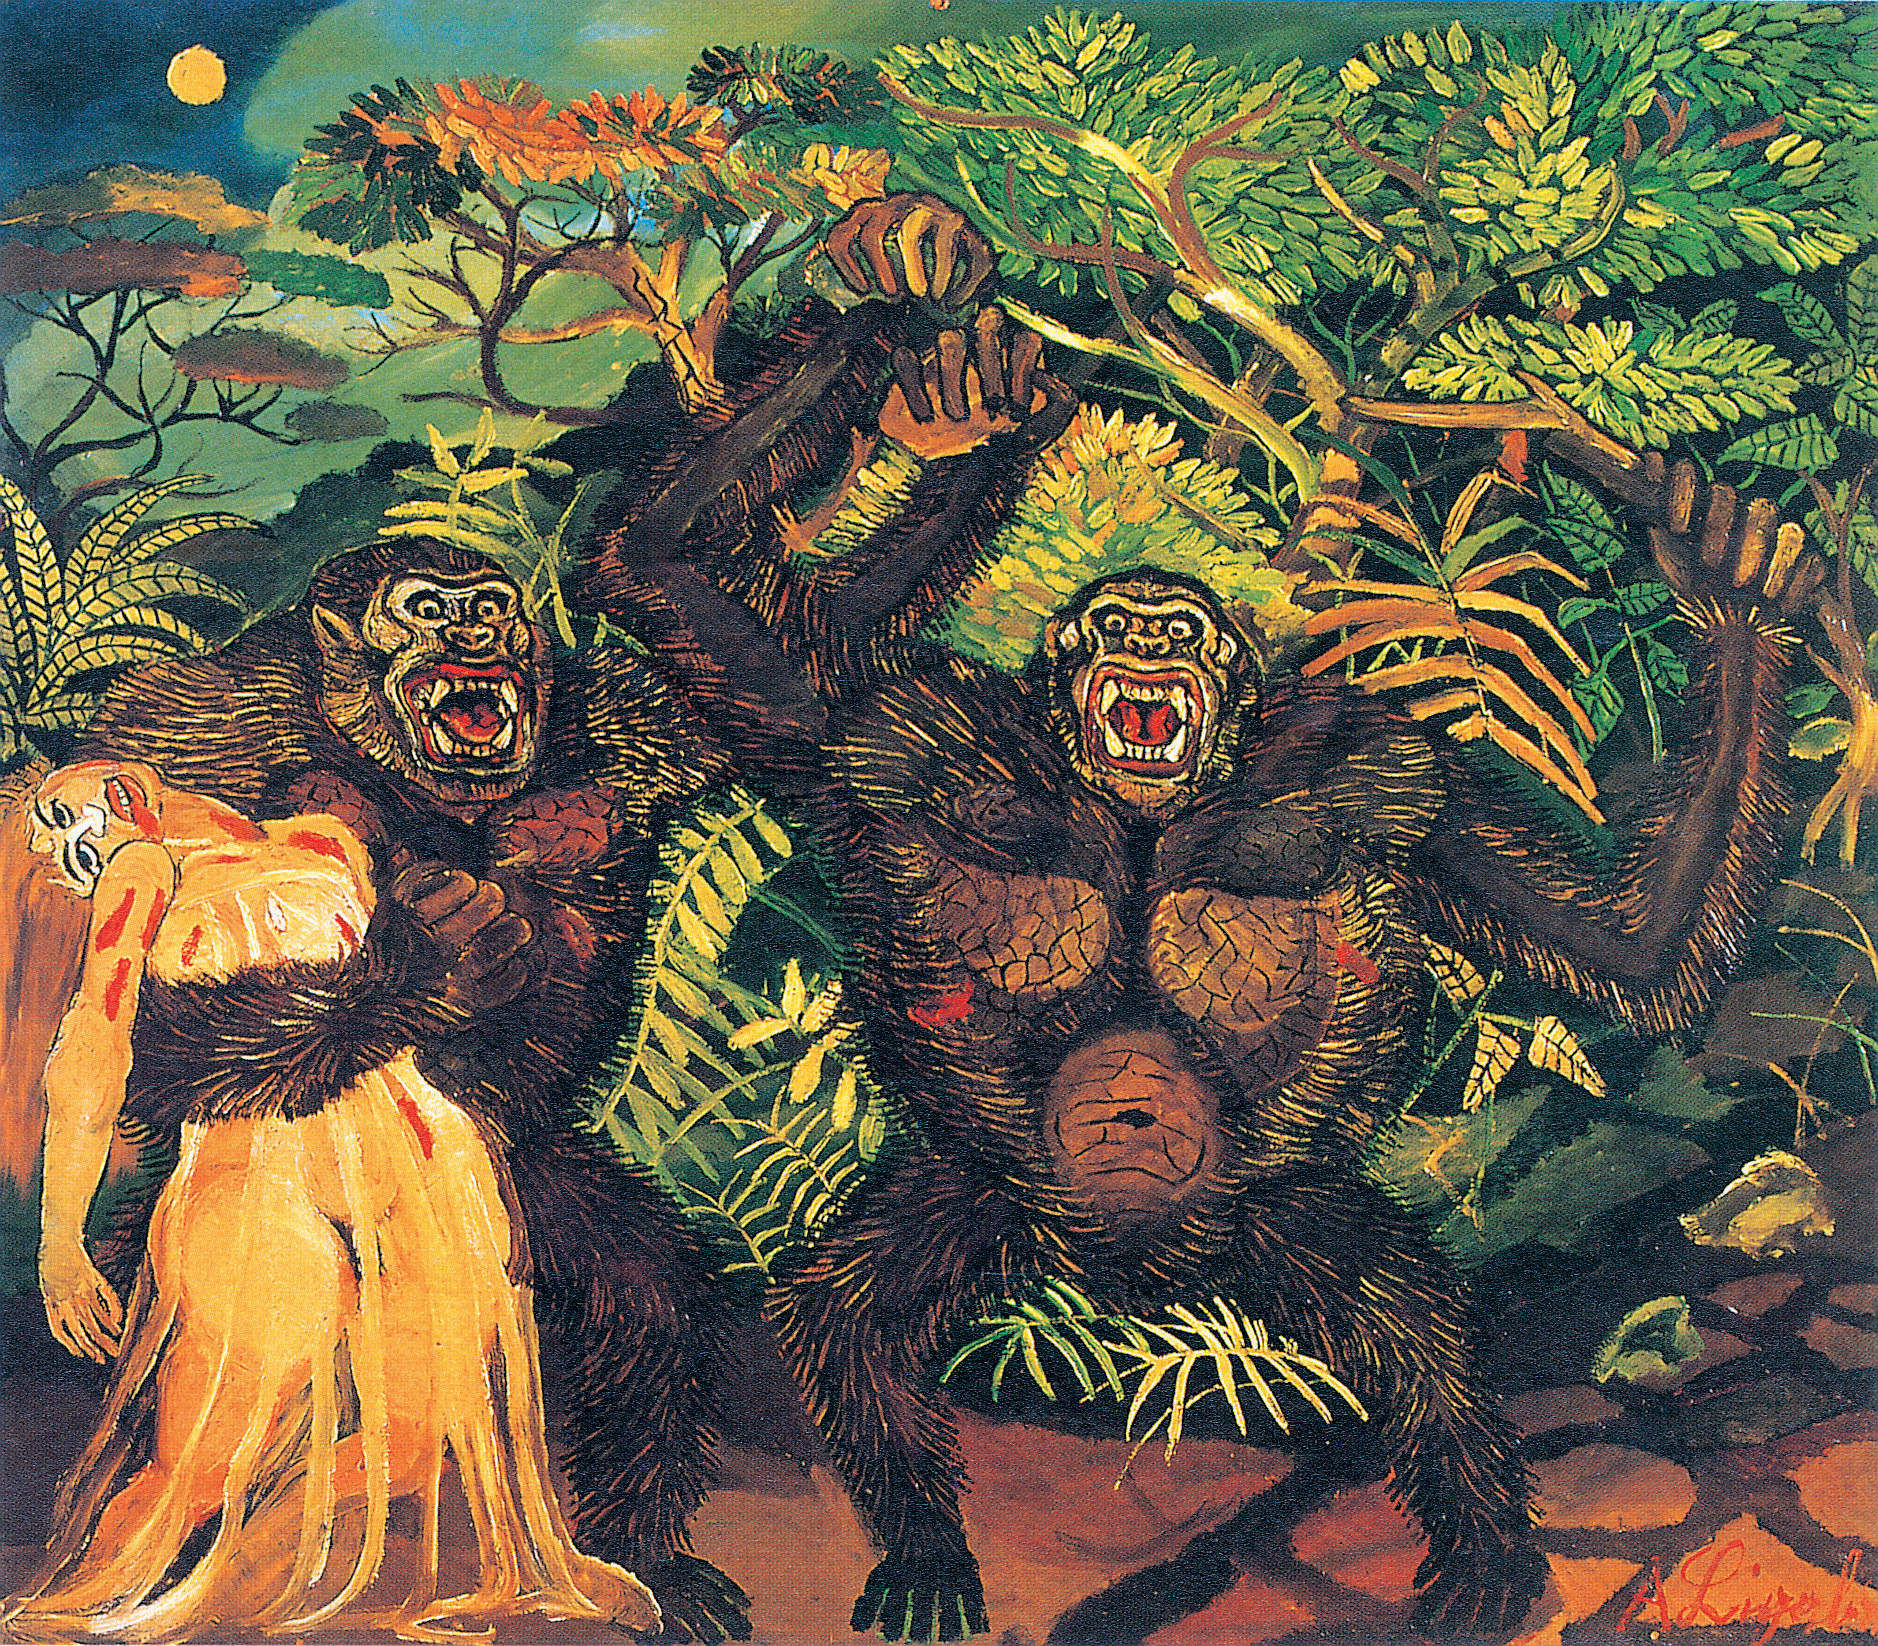 Antonio Ligabue, Gorilla con donna mostra pavia 2017 scuderie del castello visconteo